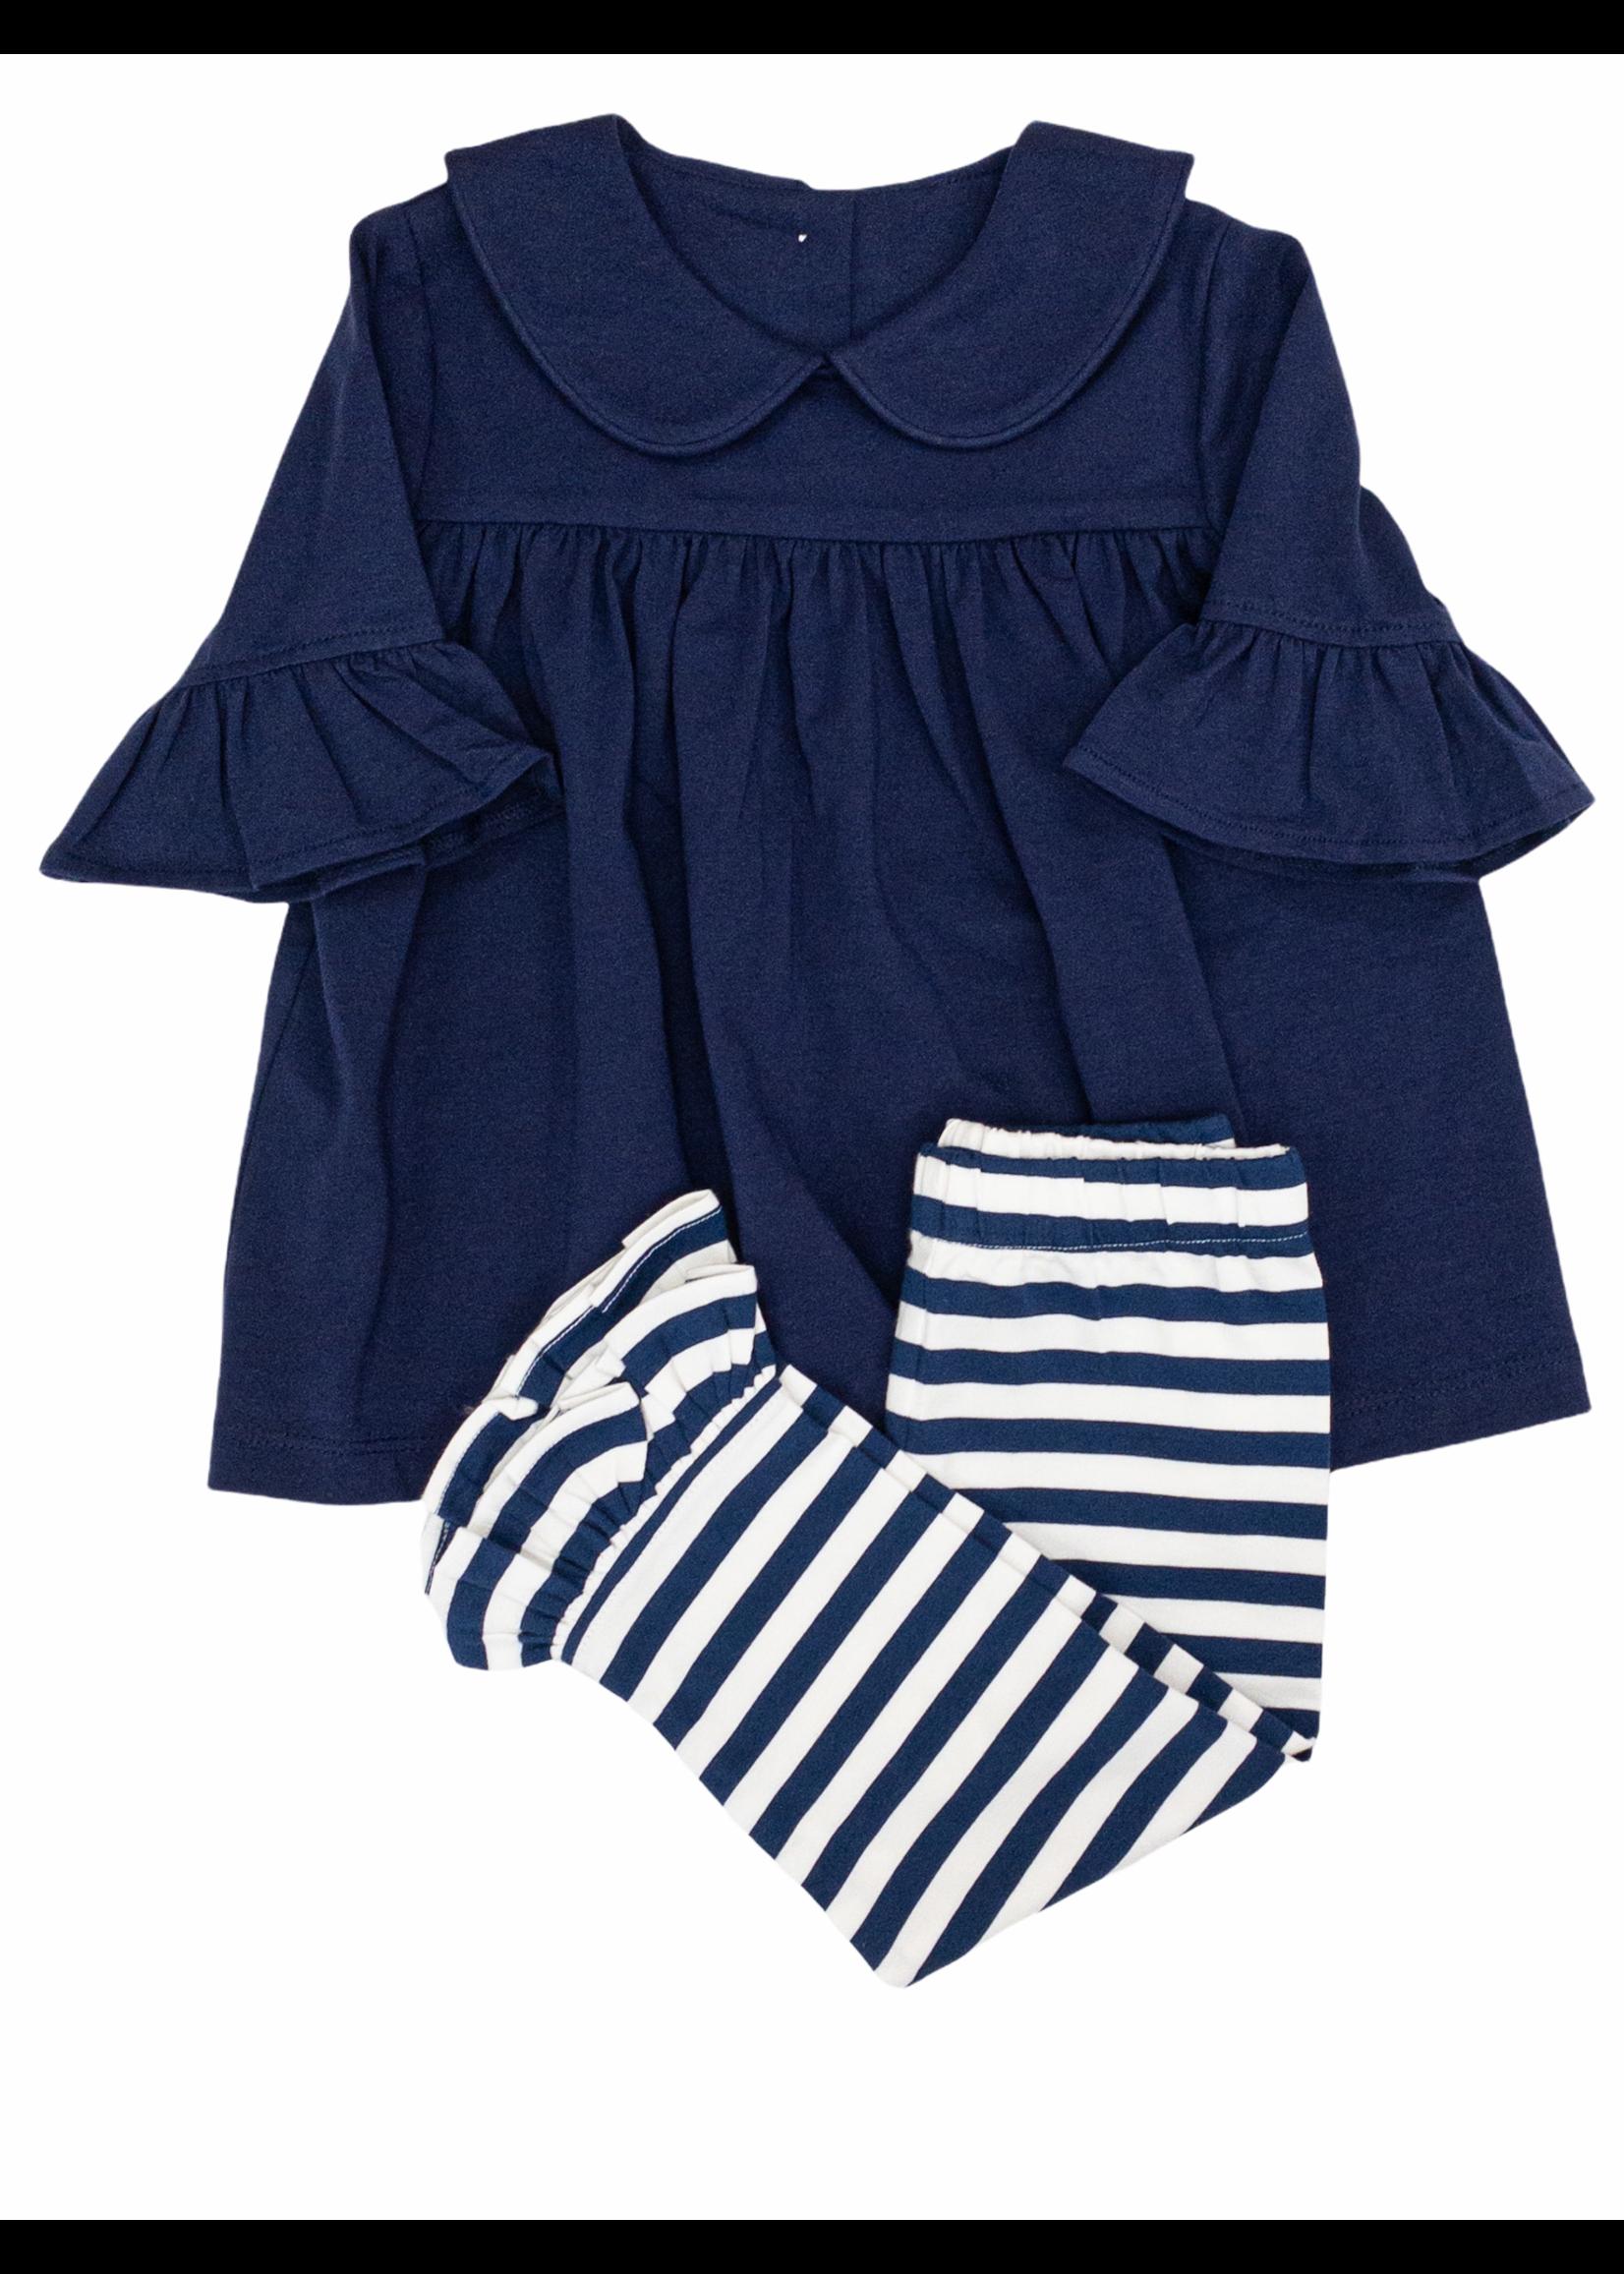 Delaney 146 Navy White Stripe Knit Top & Pant Set